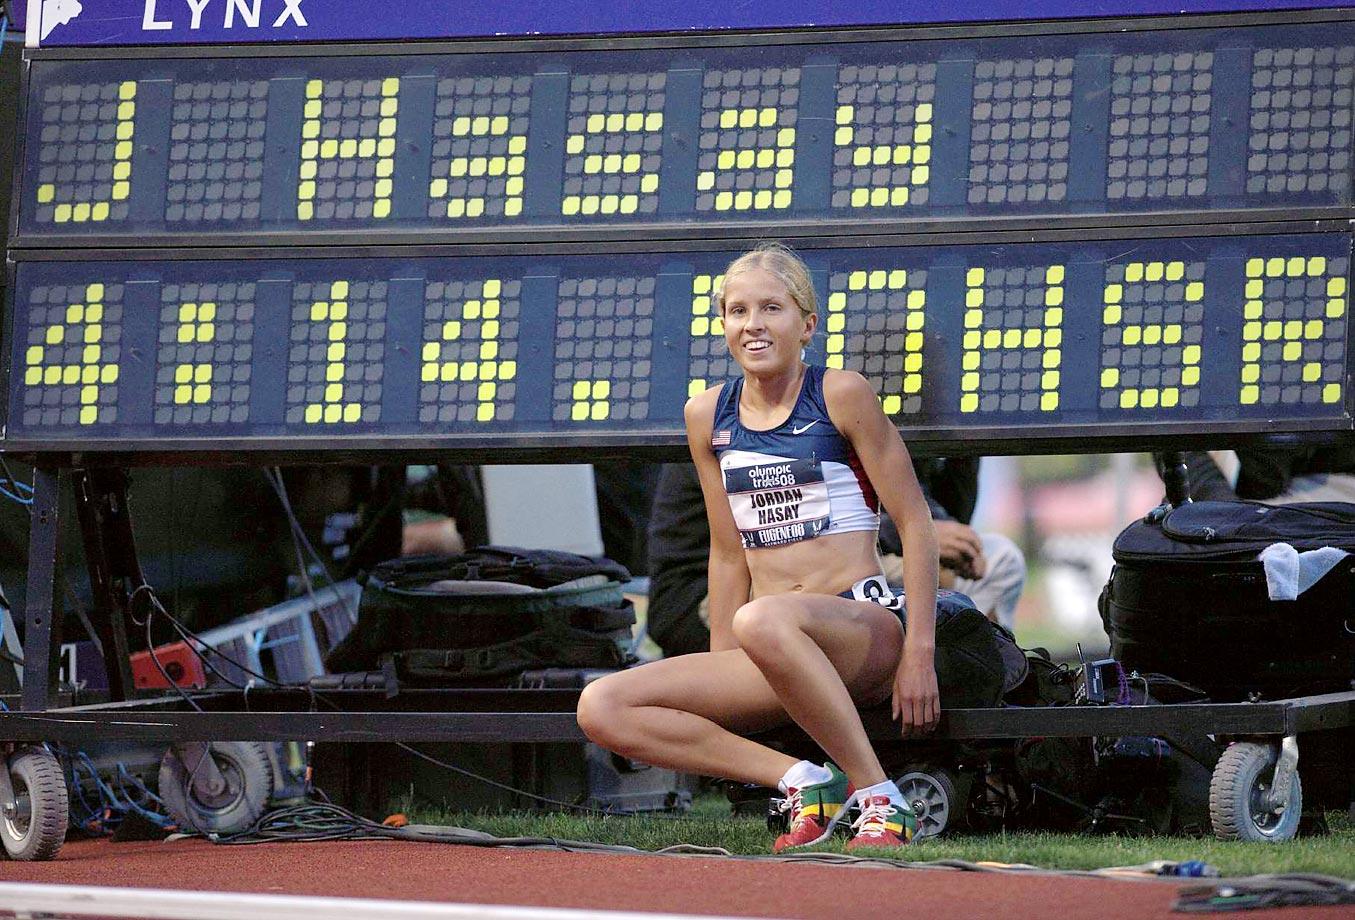 Jordan Hasay at the 1,500-meter m semifinals at the 2008 U.S. Team Trials.